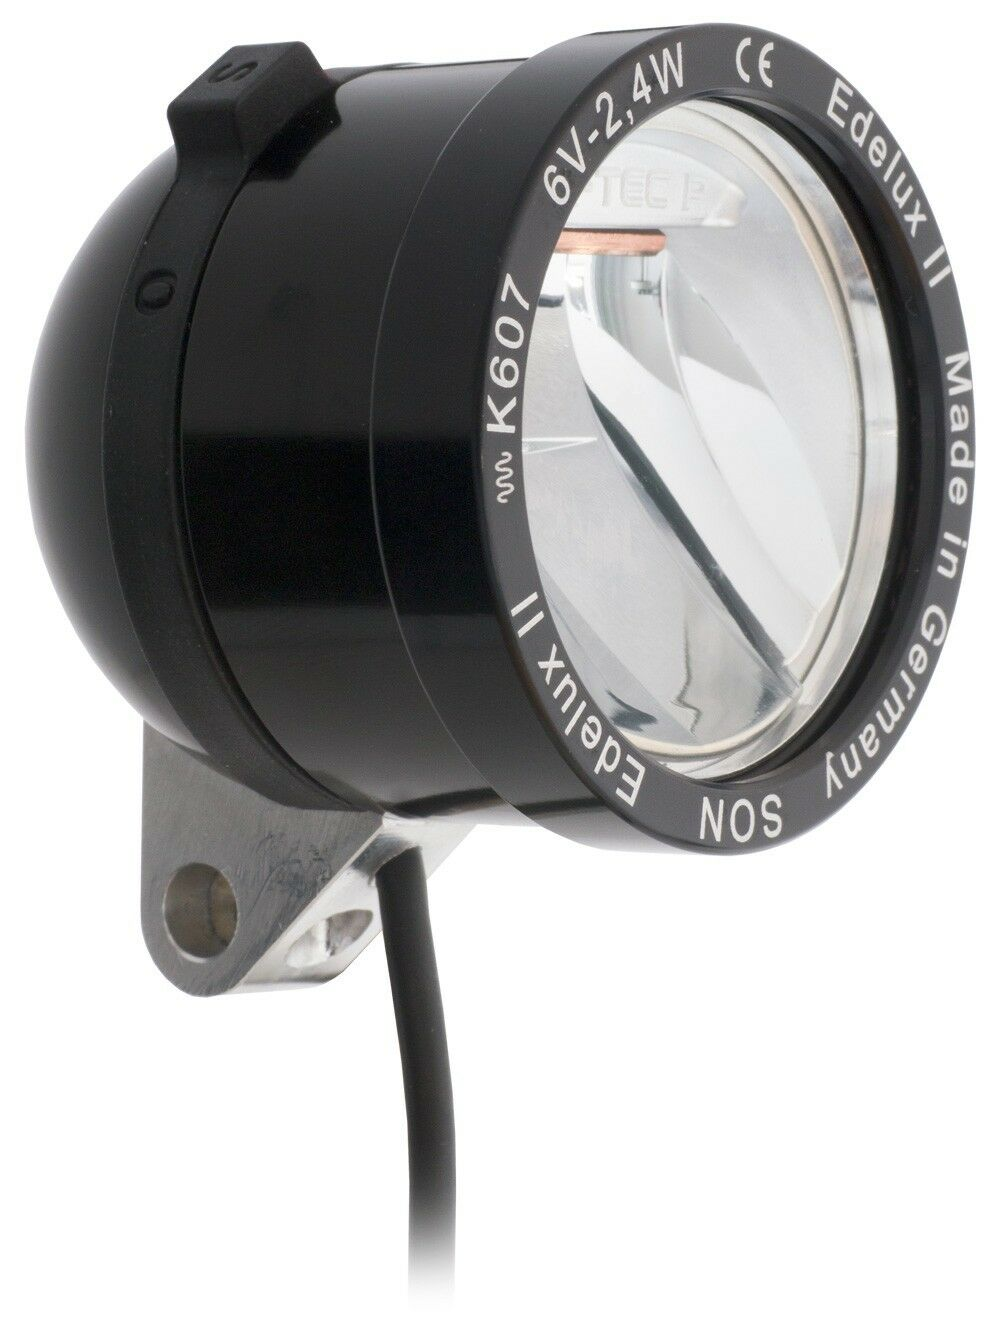 Novedad LED FAROS son edelux II negro con 140 cm de cable puertos suelto